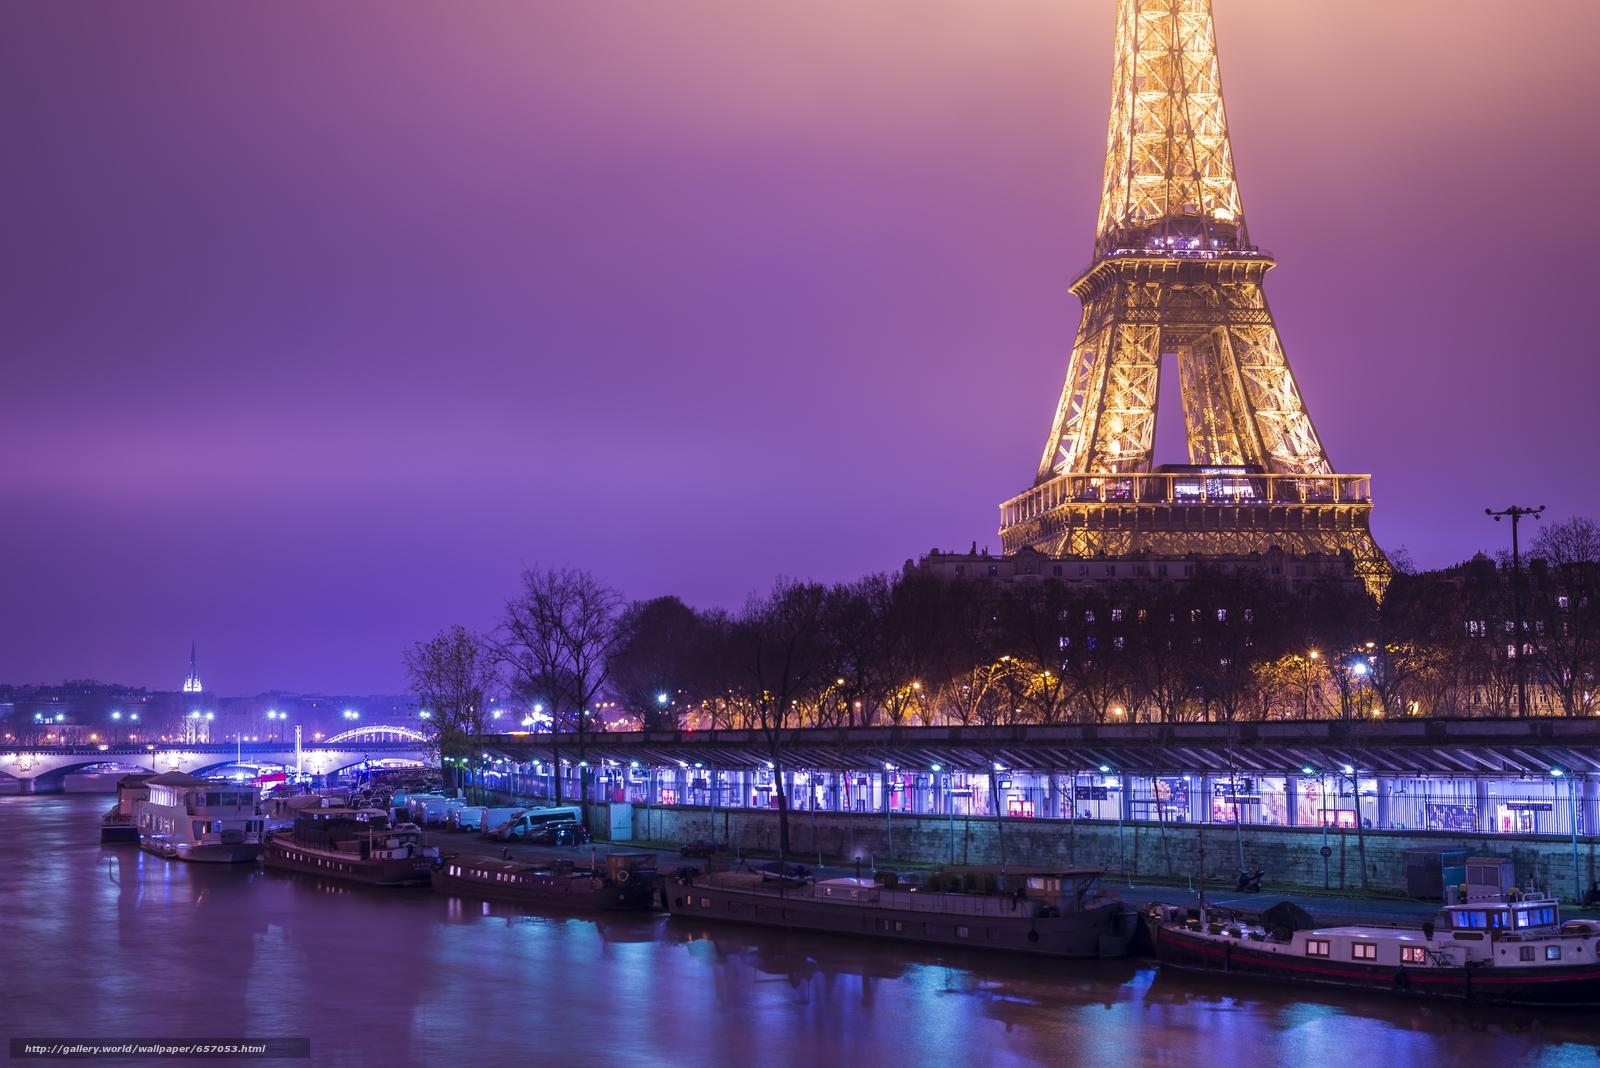 Download wallpaper Eiffel Tower,  Paris,  France,  Eiffel Tower free desktop wallpaper in the resolution 6016x4016 — picture №657053